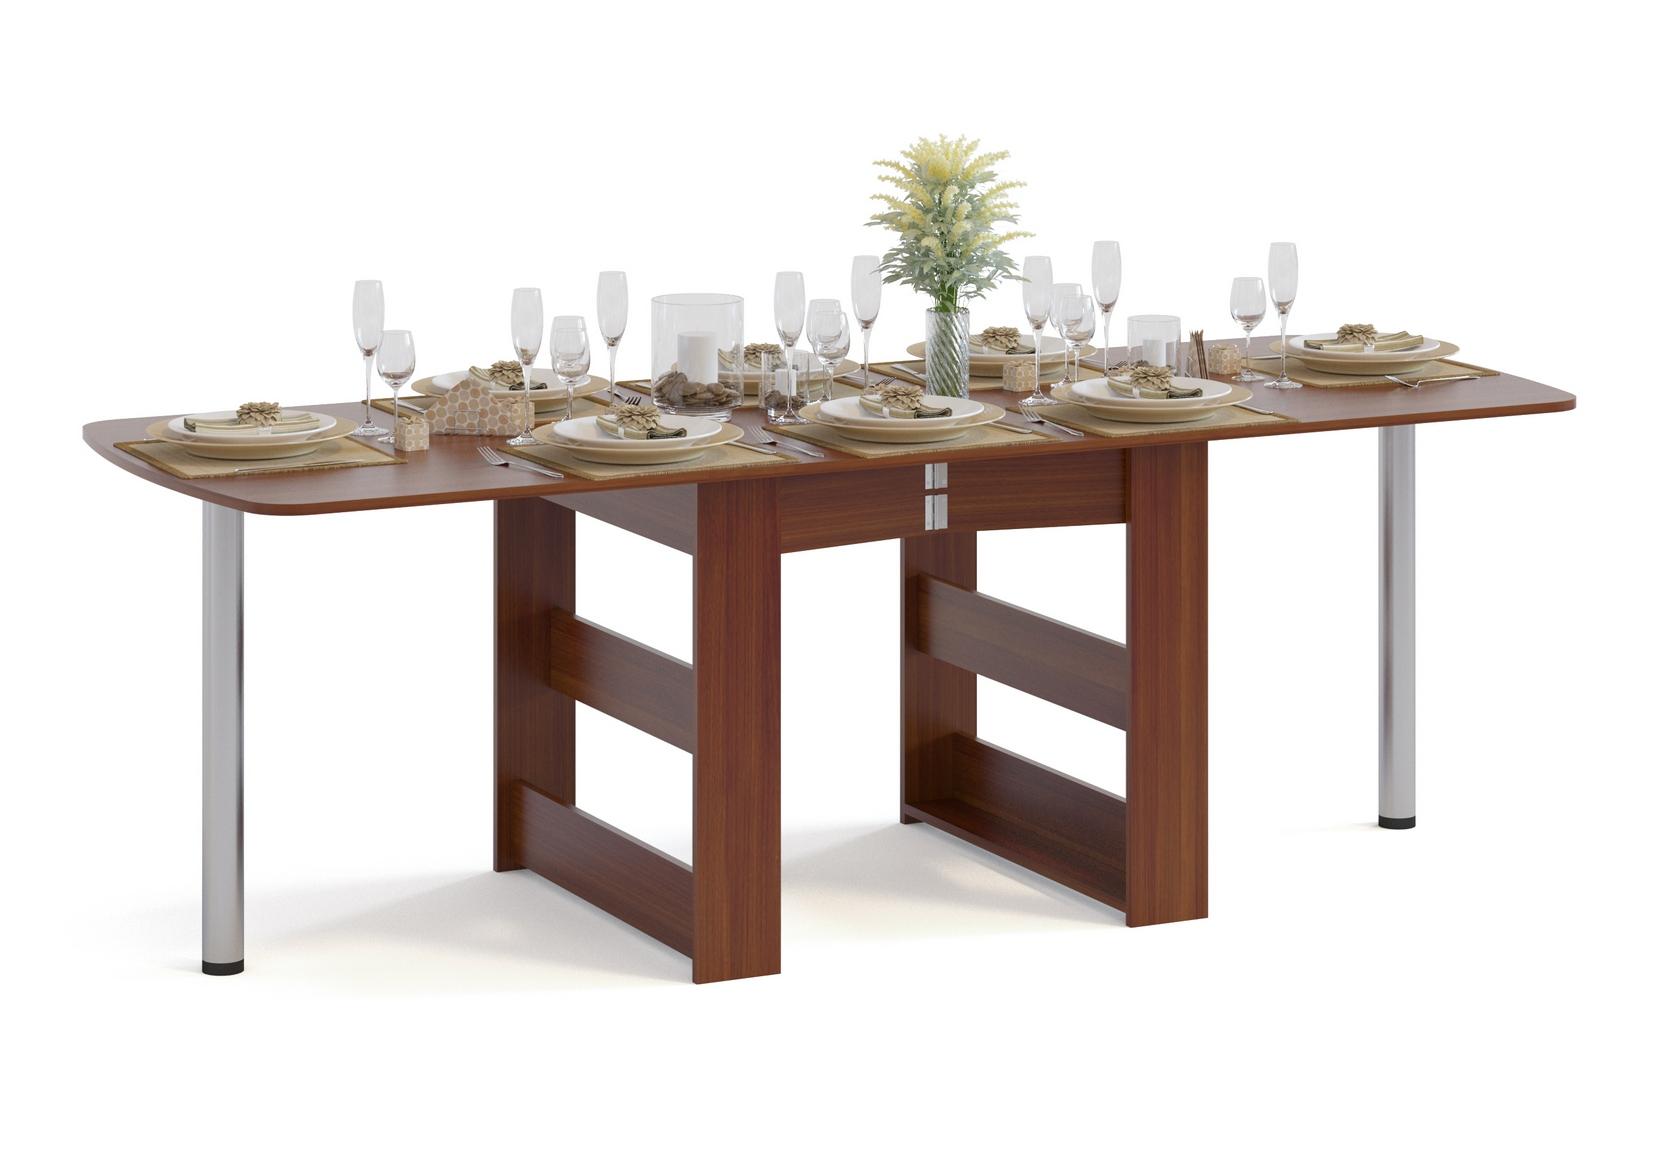 Стол-книжка Сокол СП-11.1 Испанский орехСтолы-книжки<br>Габаритные размеры ВхШхГ 740x314 / 2255x830 мм. Стол-книжка для любителей устраивать пышные застолья.  Уникальность стола заключается в том, что он имеет три варианта размера:Сложенный стол – размер 740 Х 314 Х 830 мм – может использоваться как пристенный столик;На половину разложенный стол – размер 740 Х 1680 Х 830 мм – подойдет для небольшого праздничного обеда;Полностью разложенный стол – размер 740 Х 2255 Х 830 мм – подойдет для масштабного застолья. Благодаря металлическим ножкам и устойчивым центральным опорам из ЛДСП, даже в максимально разложенном виде конструкция стола остается устойчивой, а для более легкого раздвижения стола предусмотрены выкатные колесики. Толщина столешницы составляет 16 мм.  Рекомендуем сохранить инструкцию по сборке (паспорт изделия) до истечения гарантийного срока.<br><br>Цвет: Красное дерево<br>Высота мм: 740<br>Ширина мм: 314 / 2255<br>Глубина мм: 830<br>Кол-во упаковок: 1<br>Форма поставки: В разобранном виде<br>Срок гарантии: 2 года<br>Тип: Раскладные<br>Тип: Трансформер<br>Материал: Дерево<br>Материал: ЛДСП<br>Форма: Прямоугольные<br>Размер: Большие<br>Размер: Узкие<br>С металлическими ножками: Да